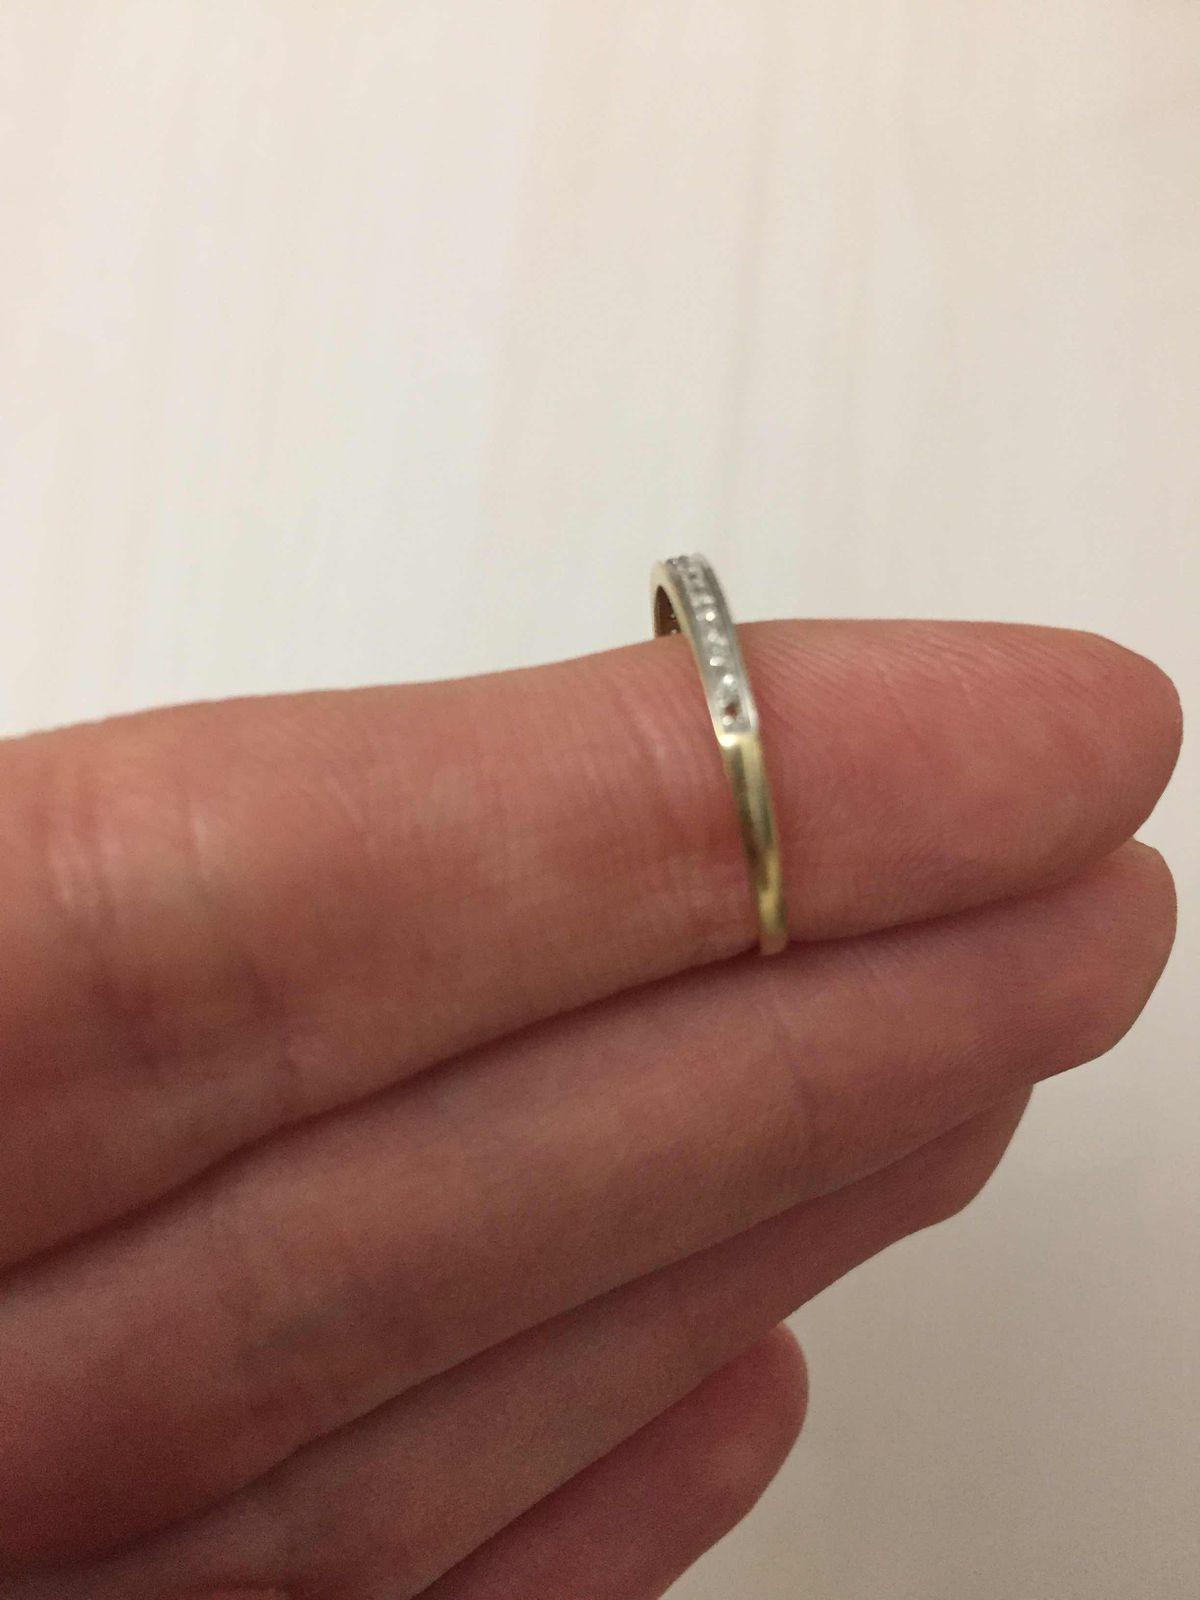 Не советую покупать данное кольцо